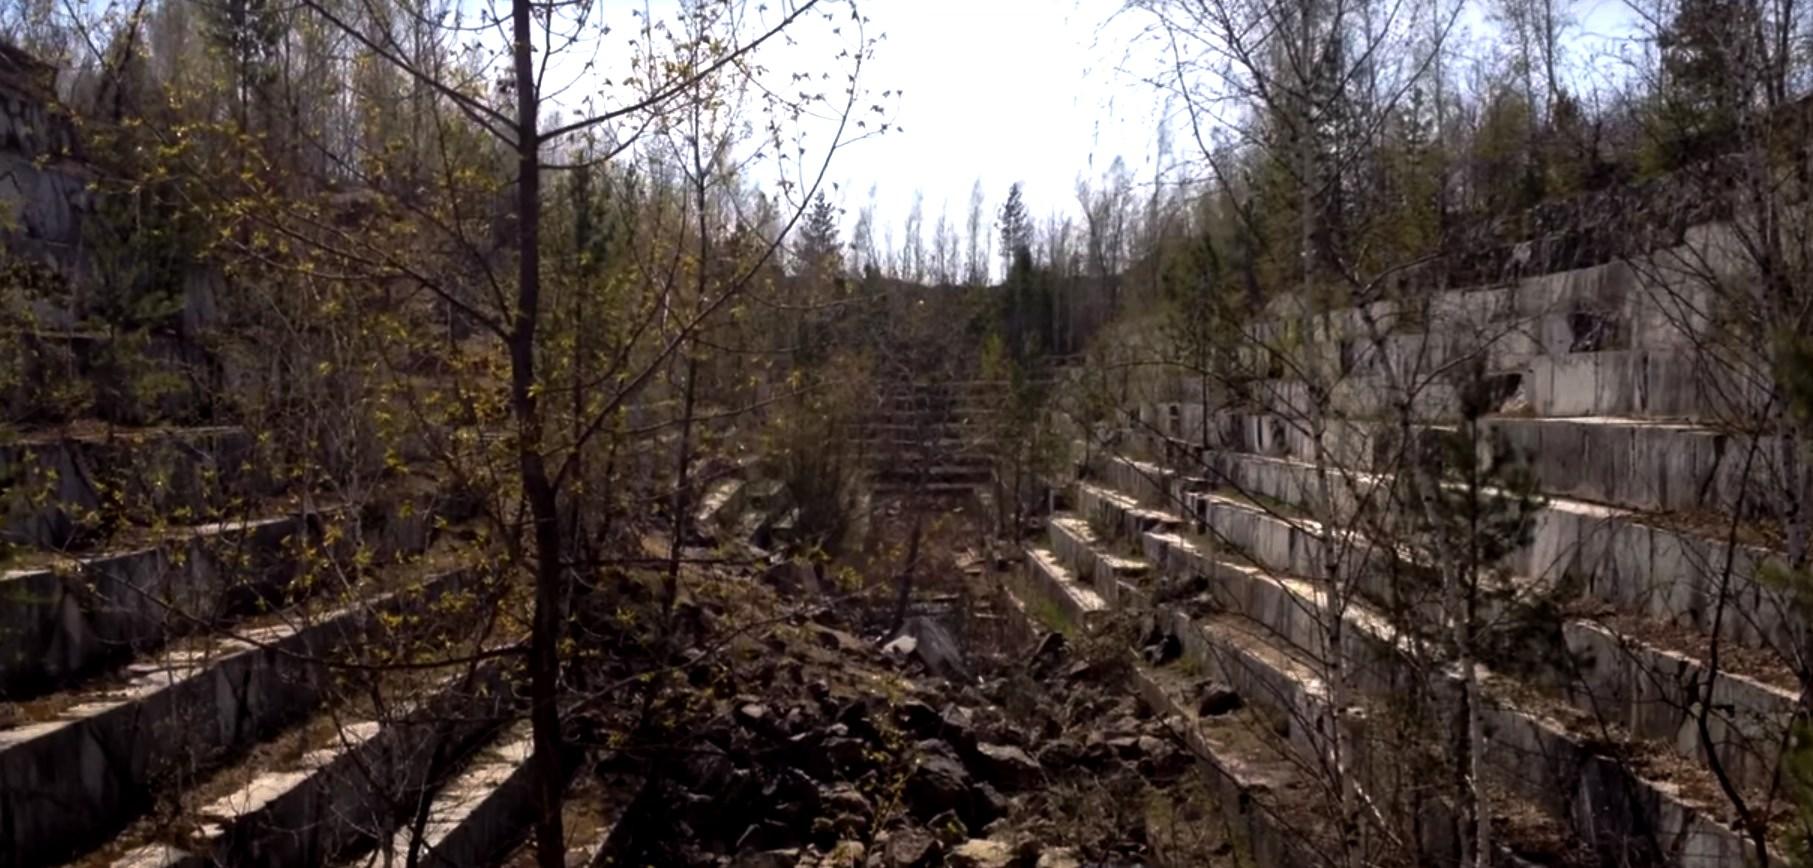 Это не античный амфитеатр в Сибири, а заброшенный мраморный карьер в Новосибирской области